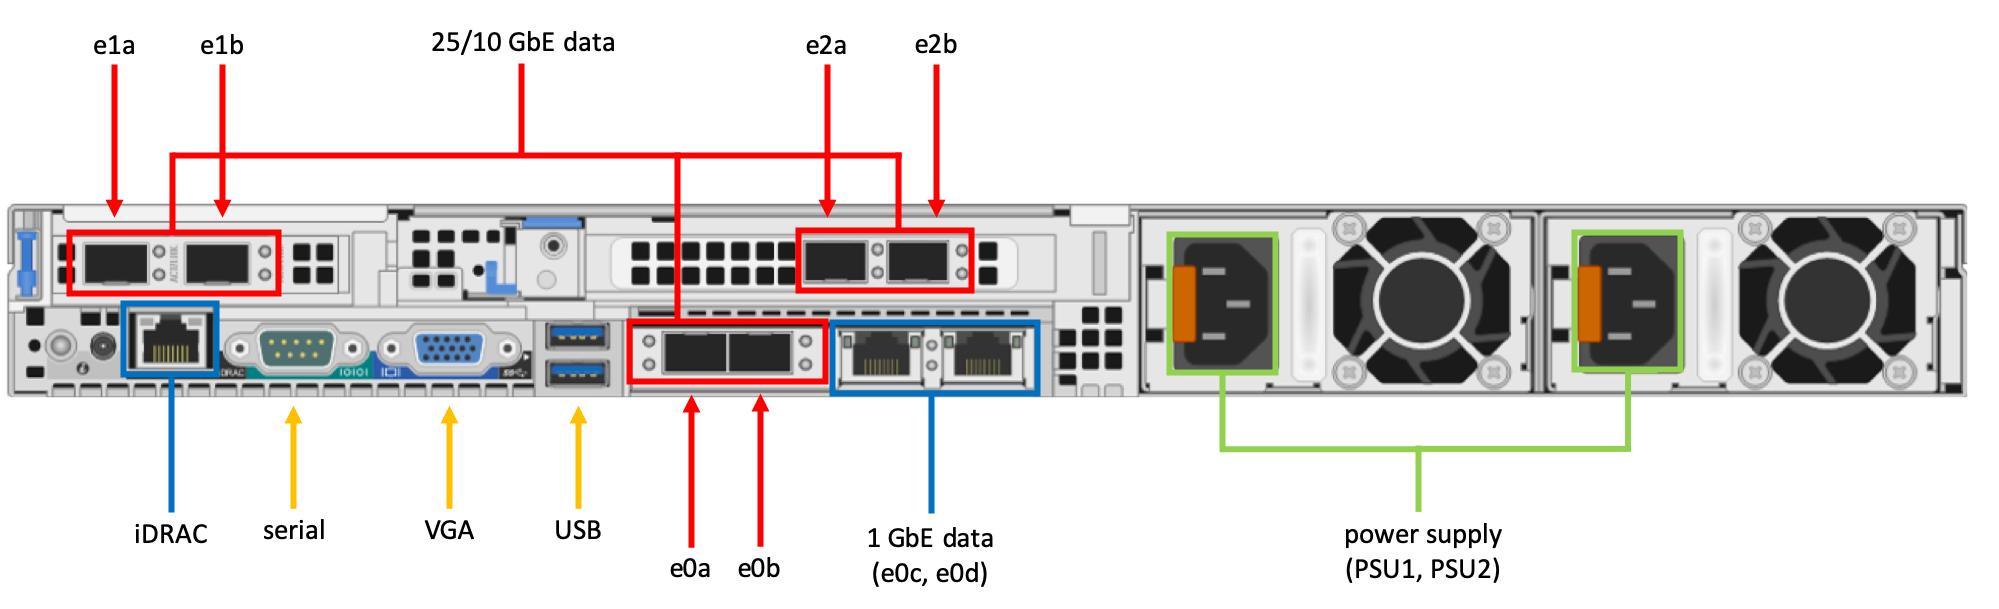 Download Idrac Terminal